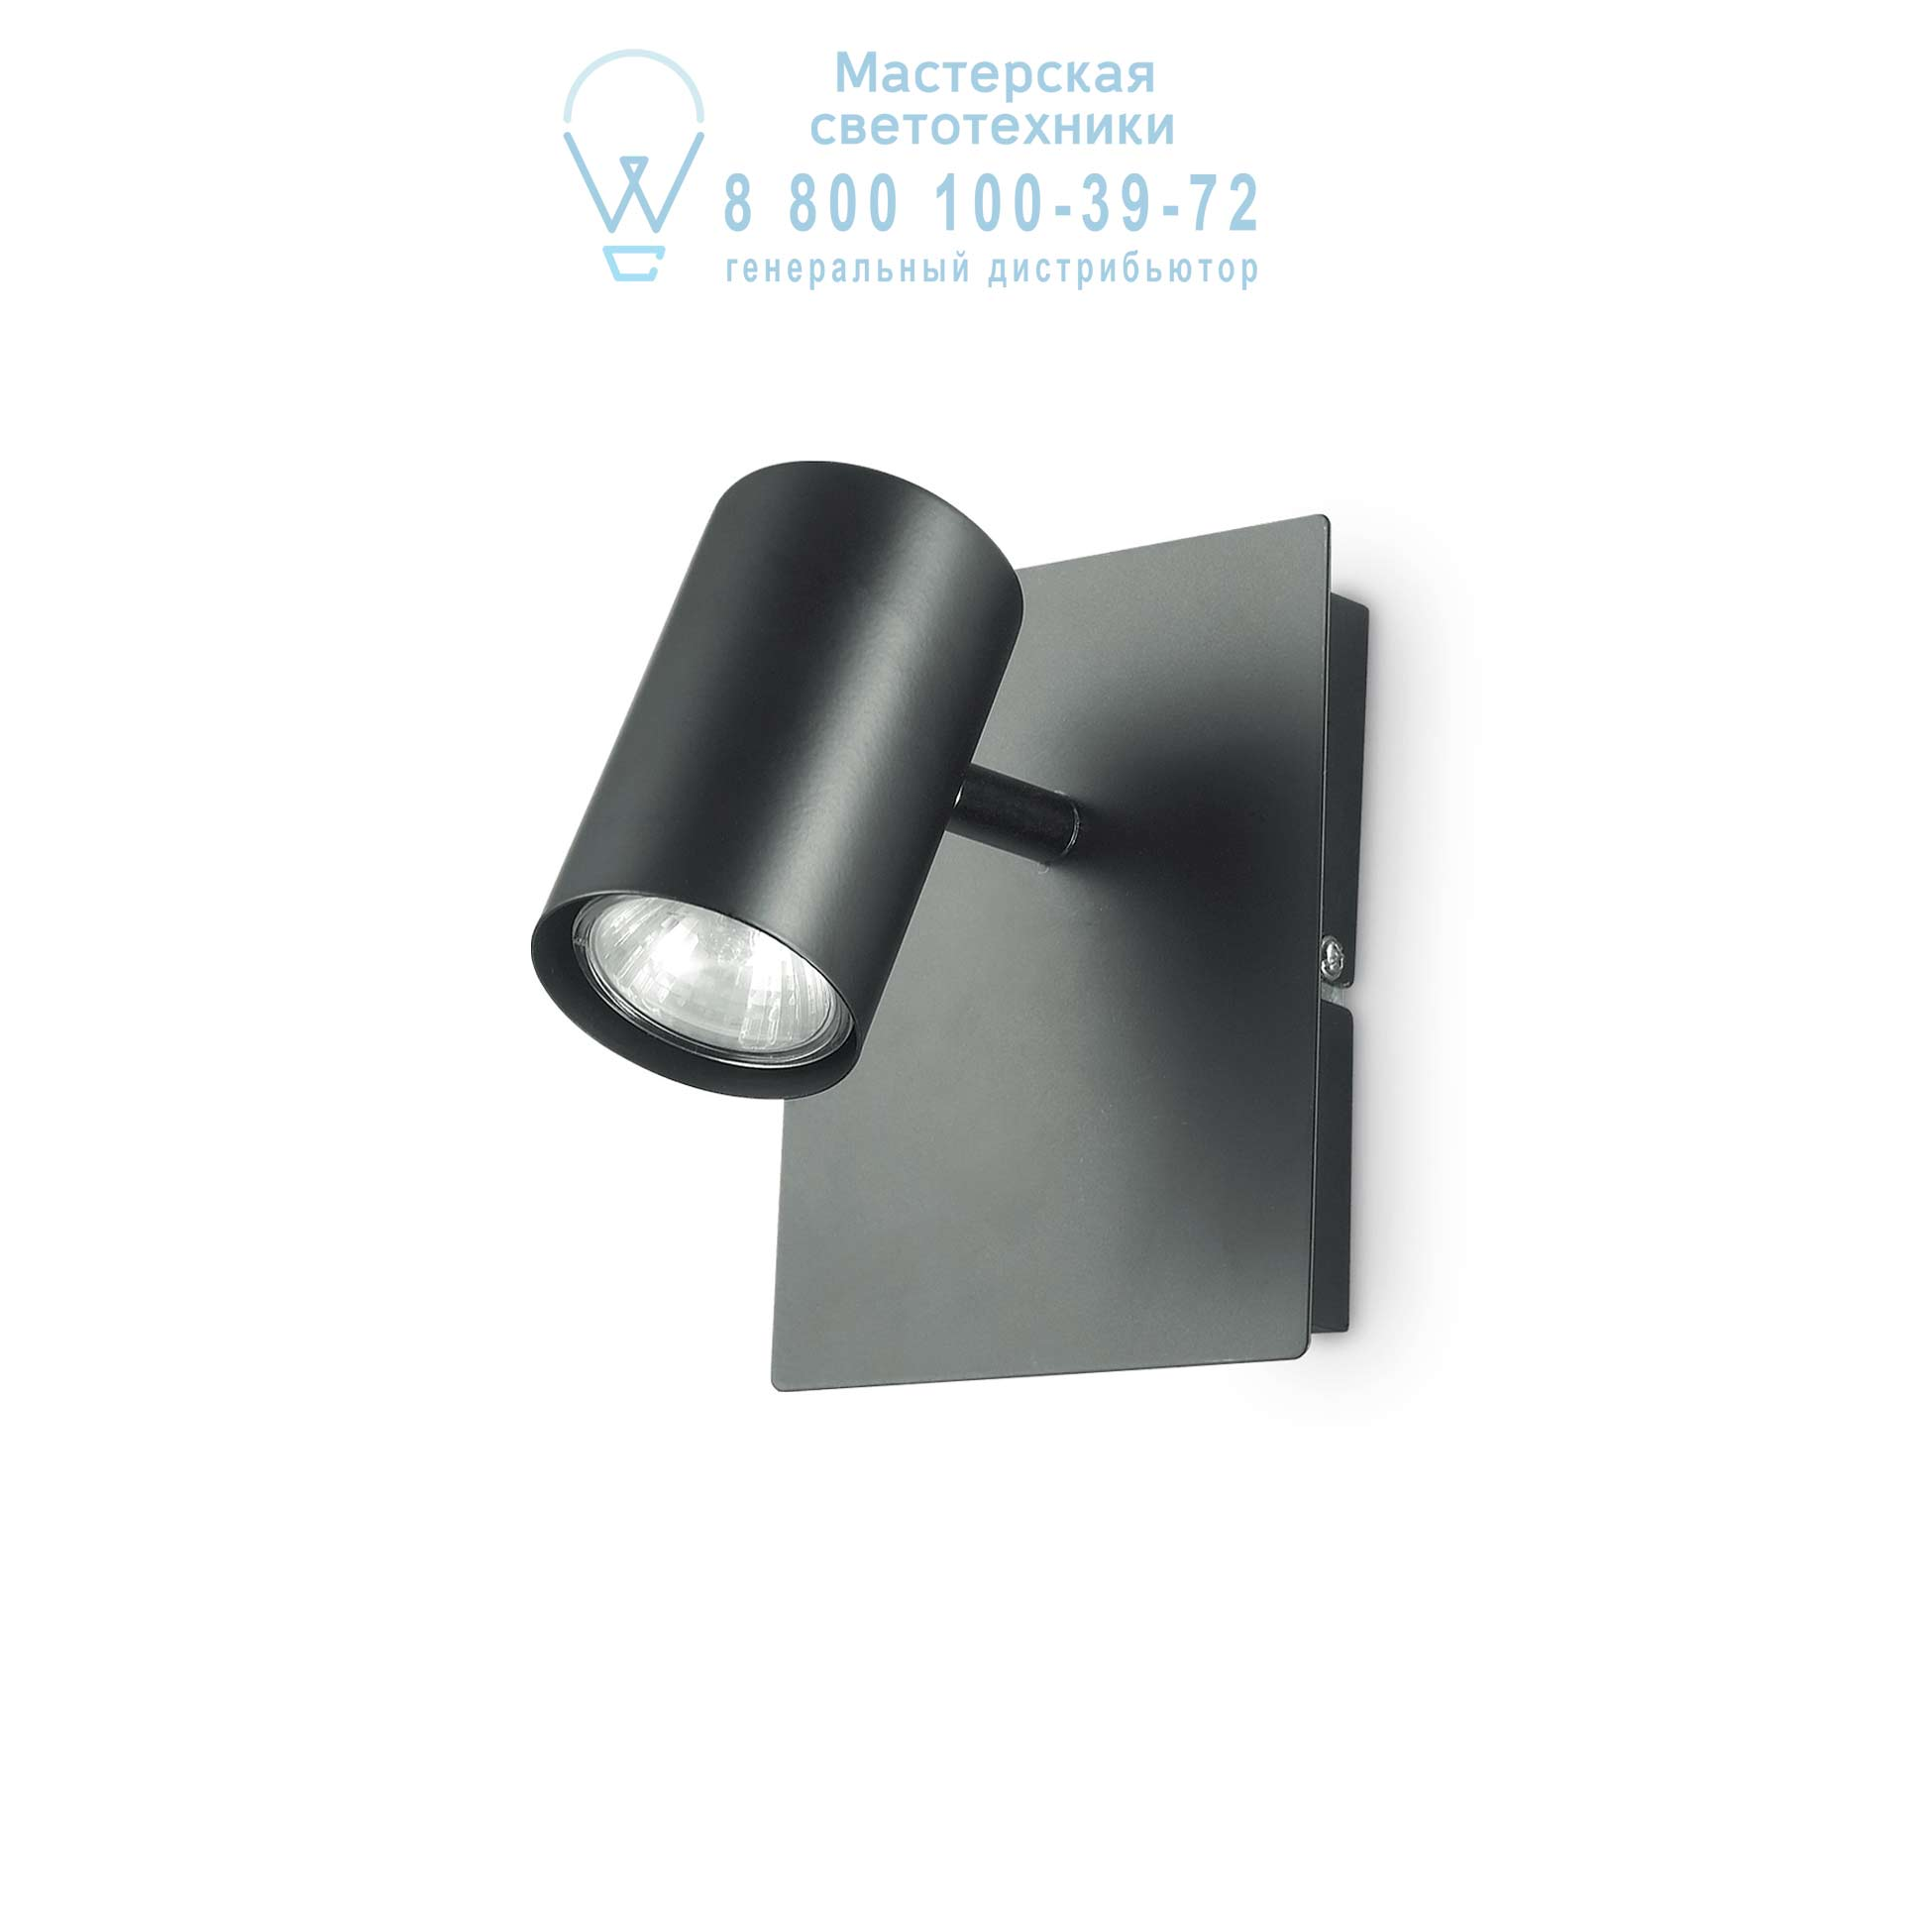 SPOT AP1 NERO накладной светильник черный